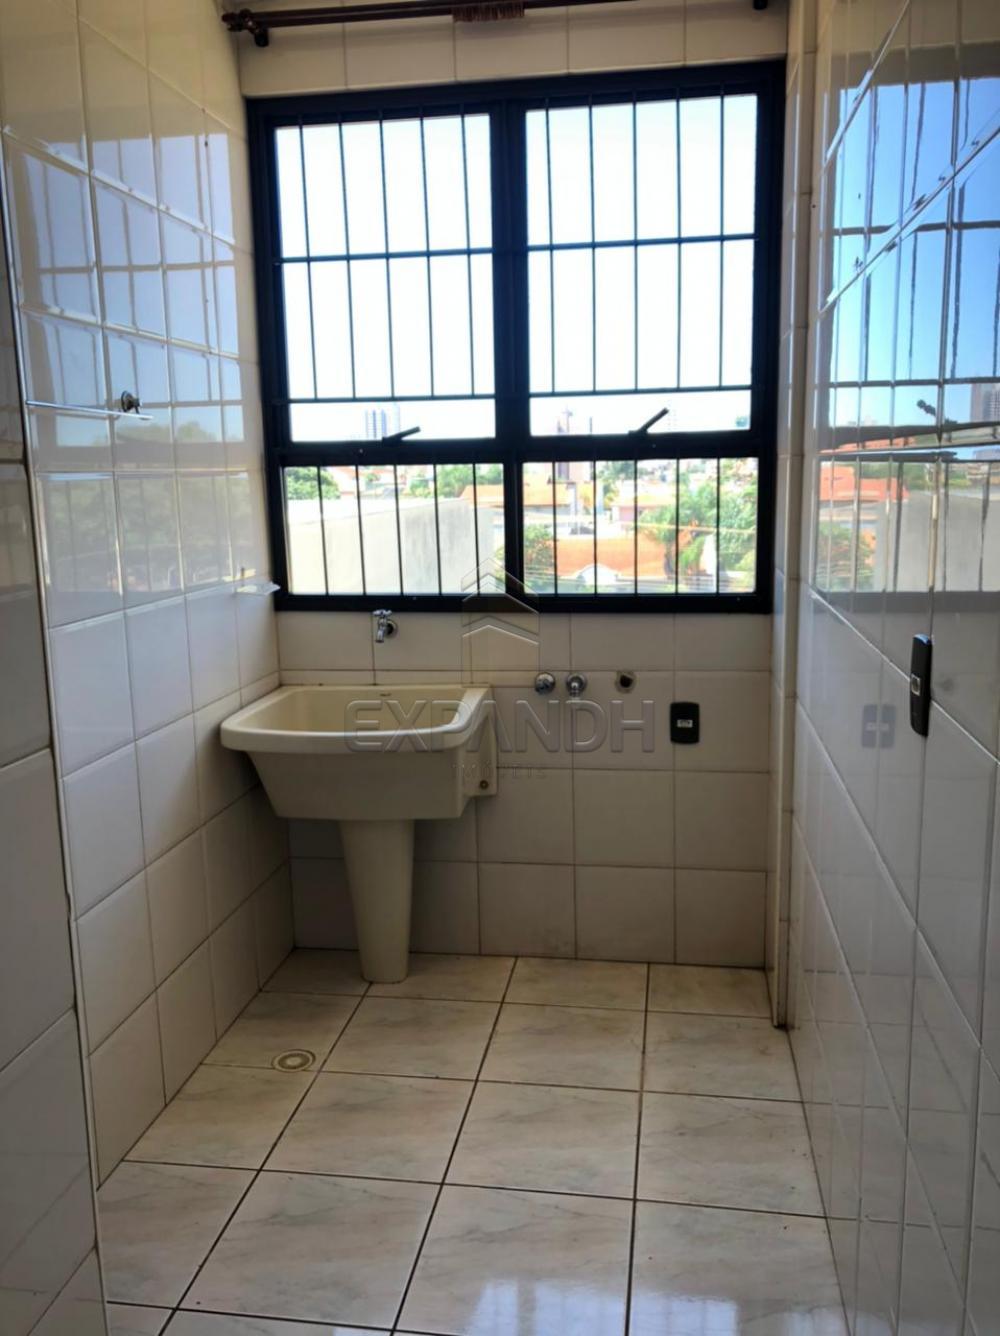 Alugar Apartamentos / Padrão em Sertãozinho R$ 1.350,00 - Foto 7